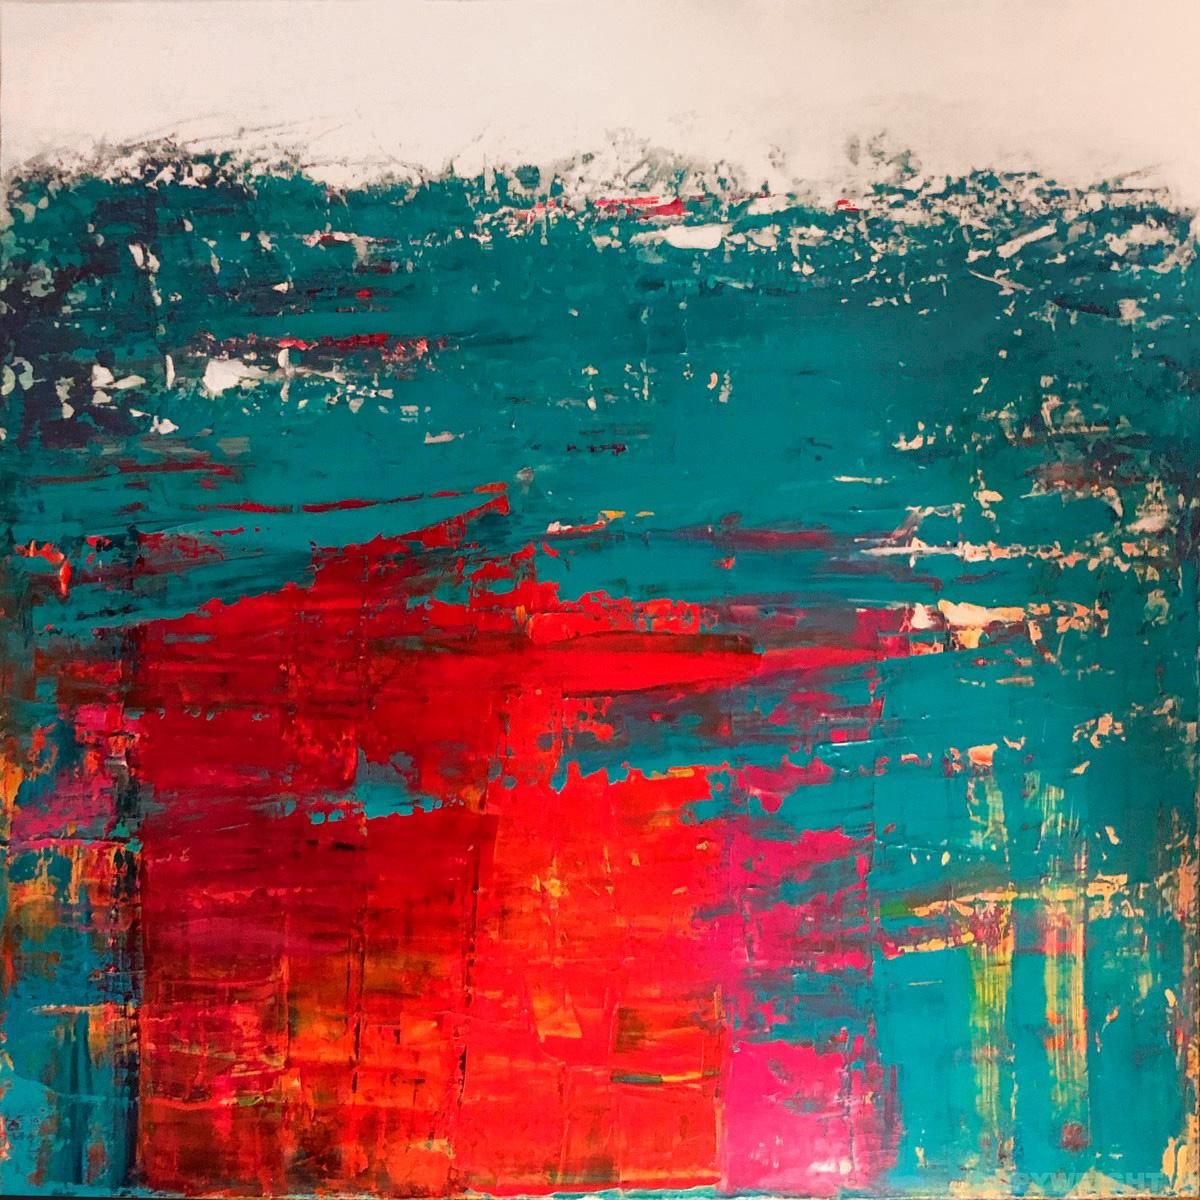 art-peinture- abstraction-tableau-la tache rouge masque le turquoise-Nathalie Noël